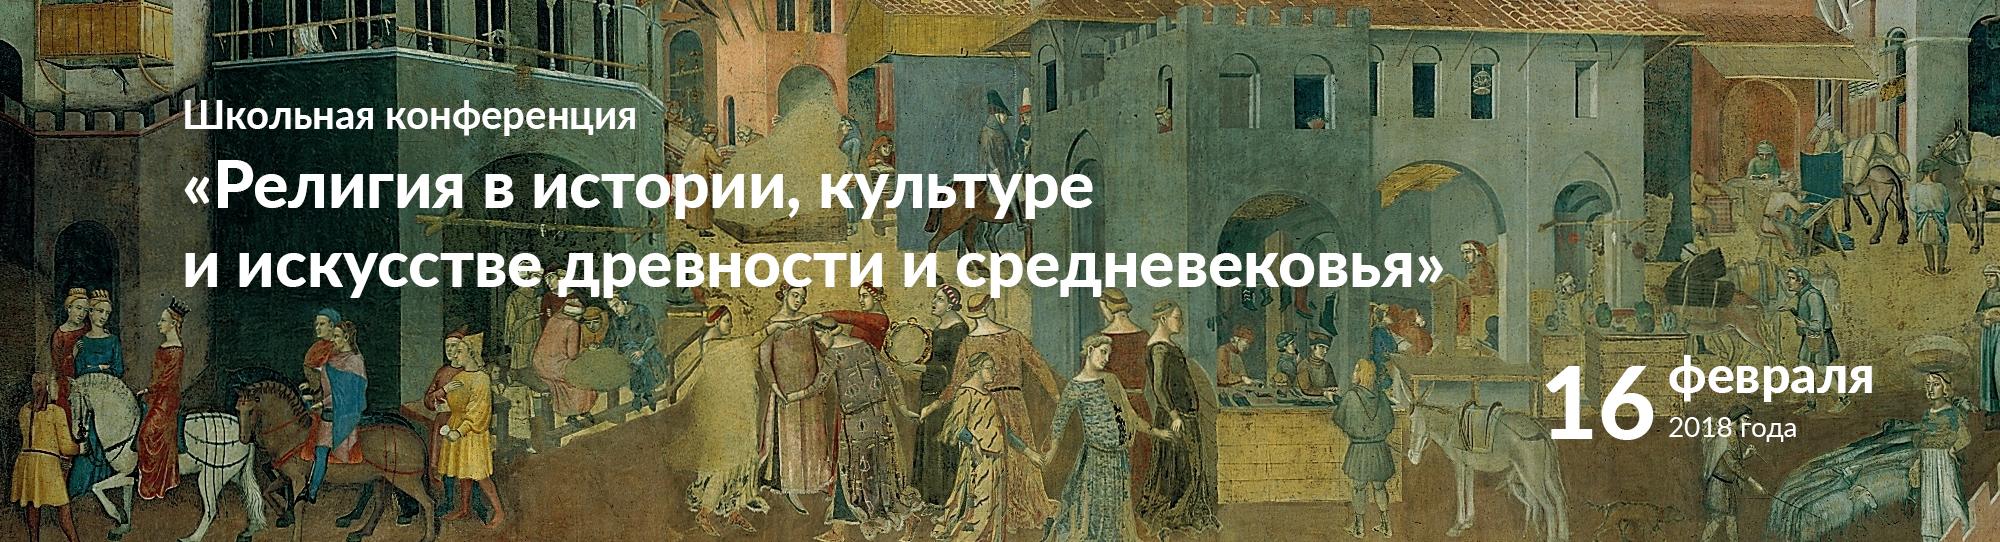 «Религия в истории, культуре и искусстве древности и средневековья»2